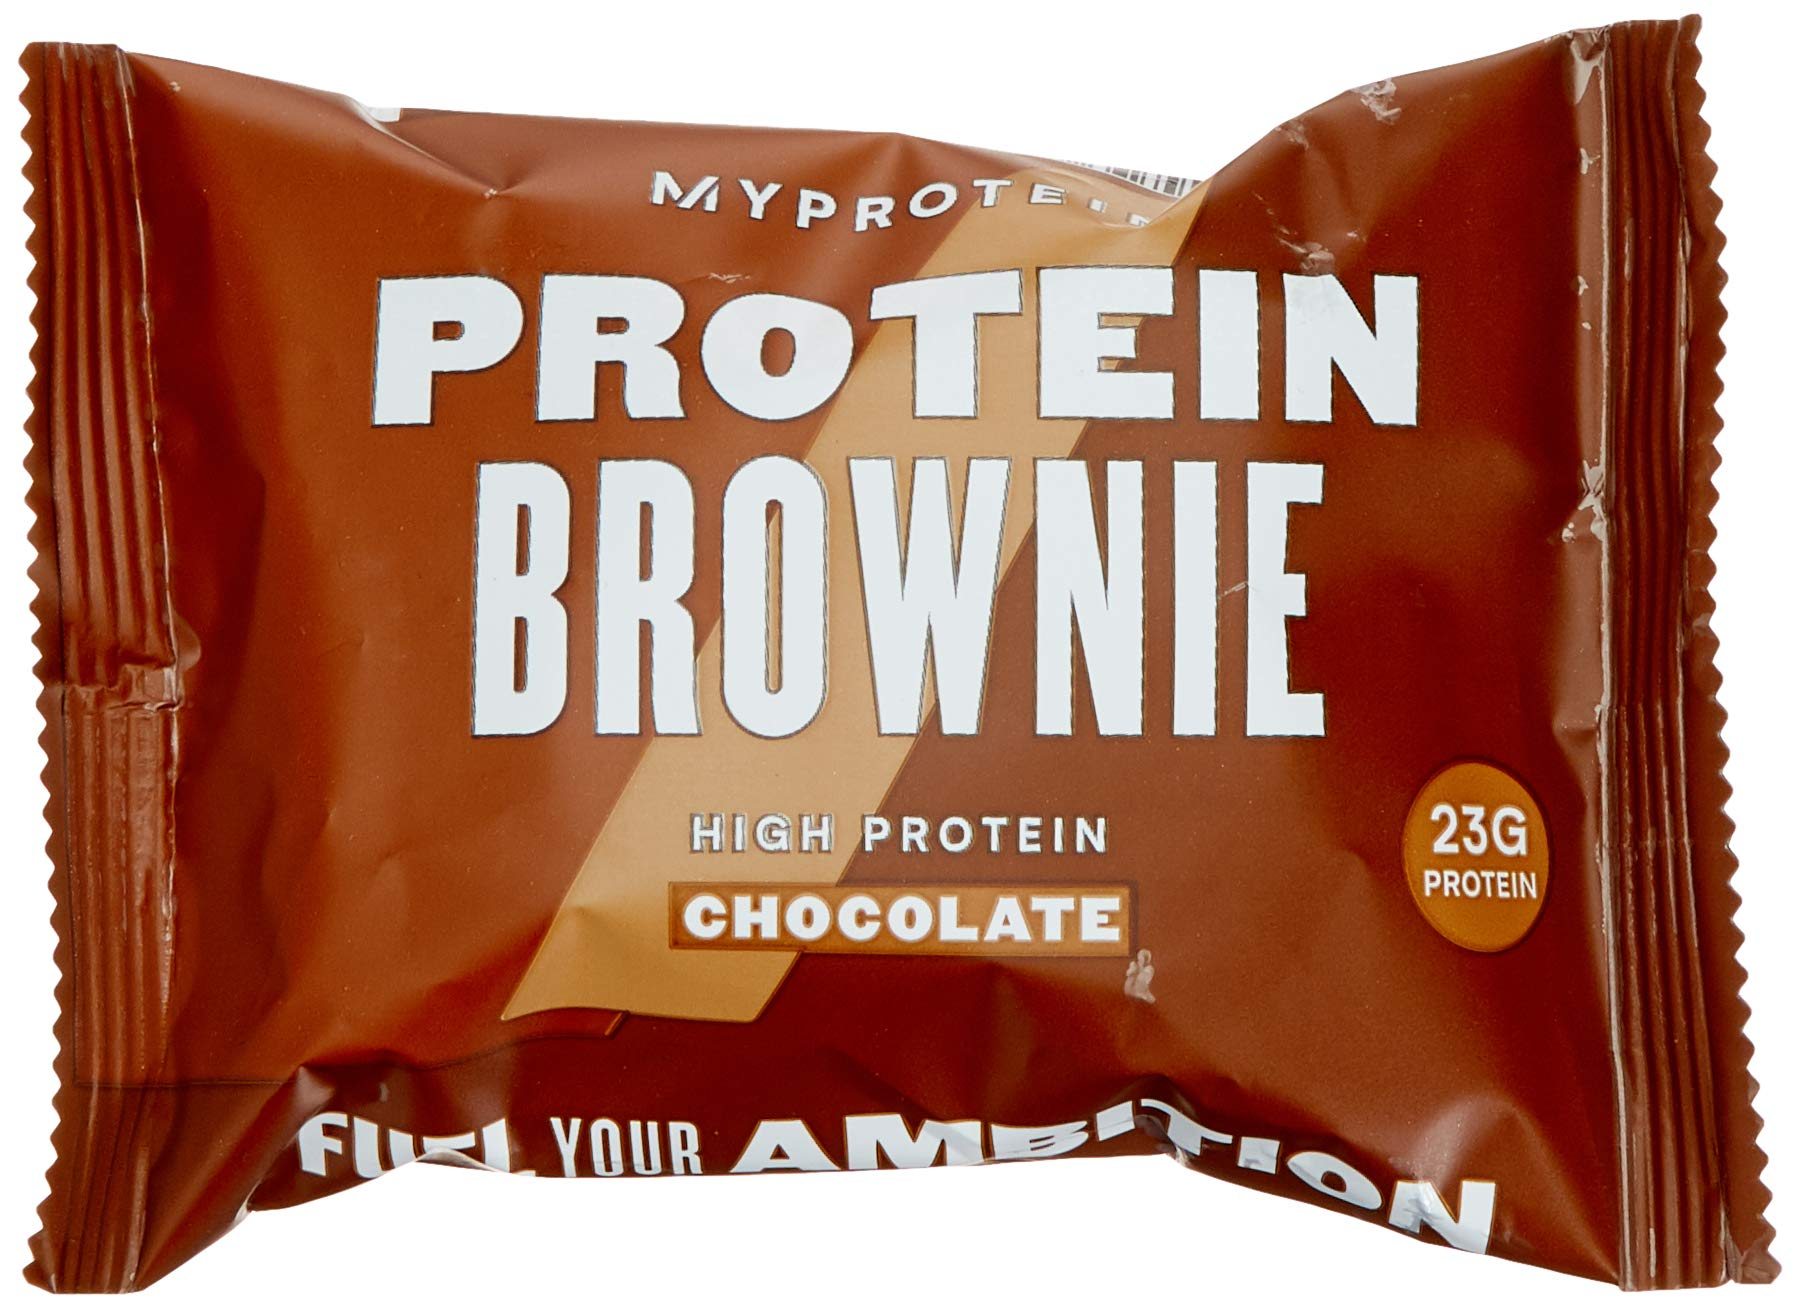 MyProtein Protein Brownie, Chocolate Chip, 23g Protein, (12 Pack)